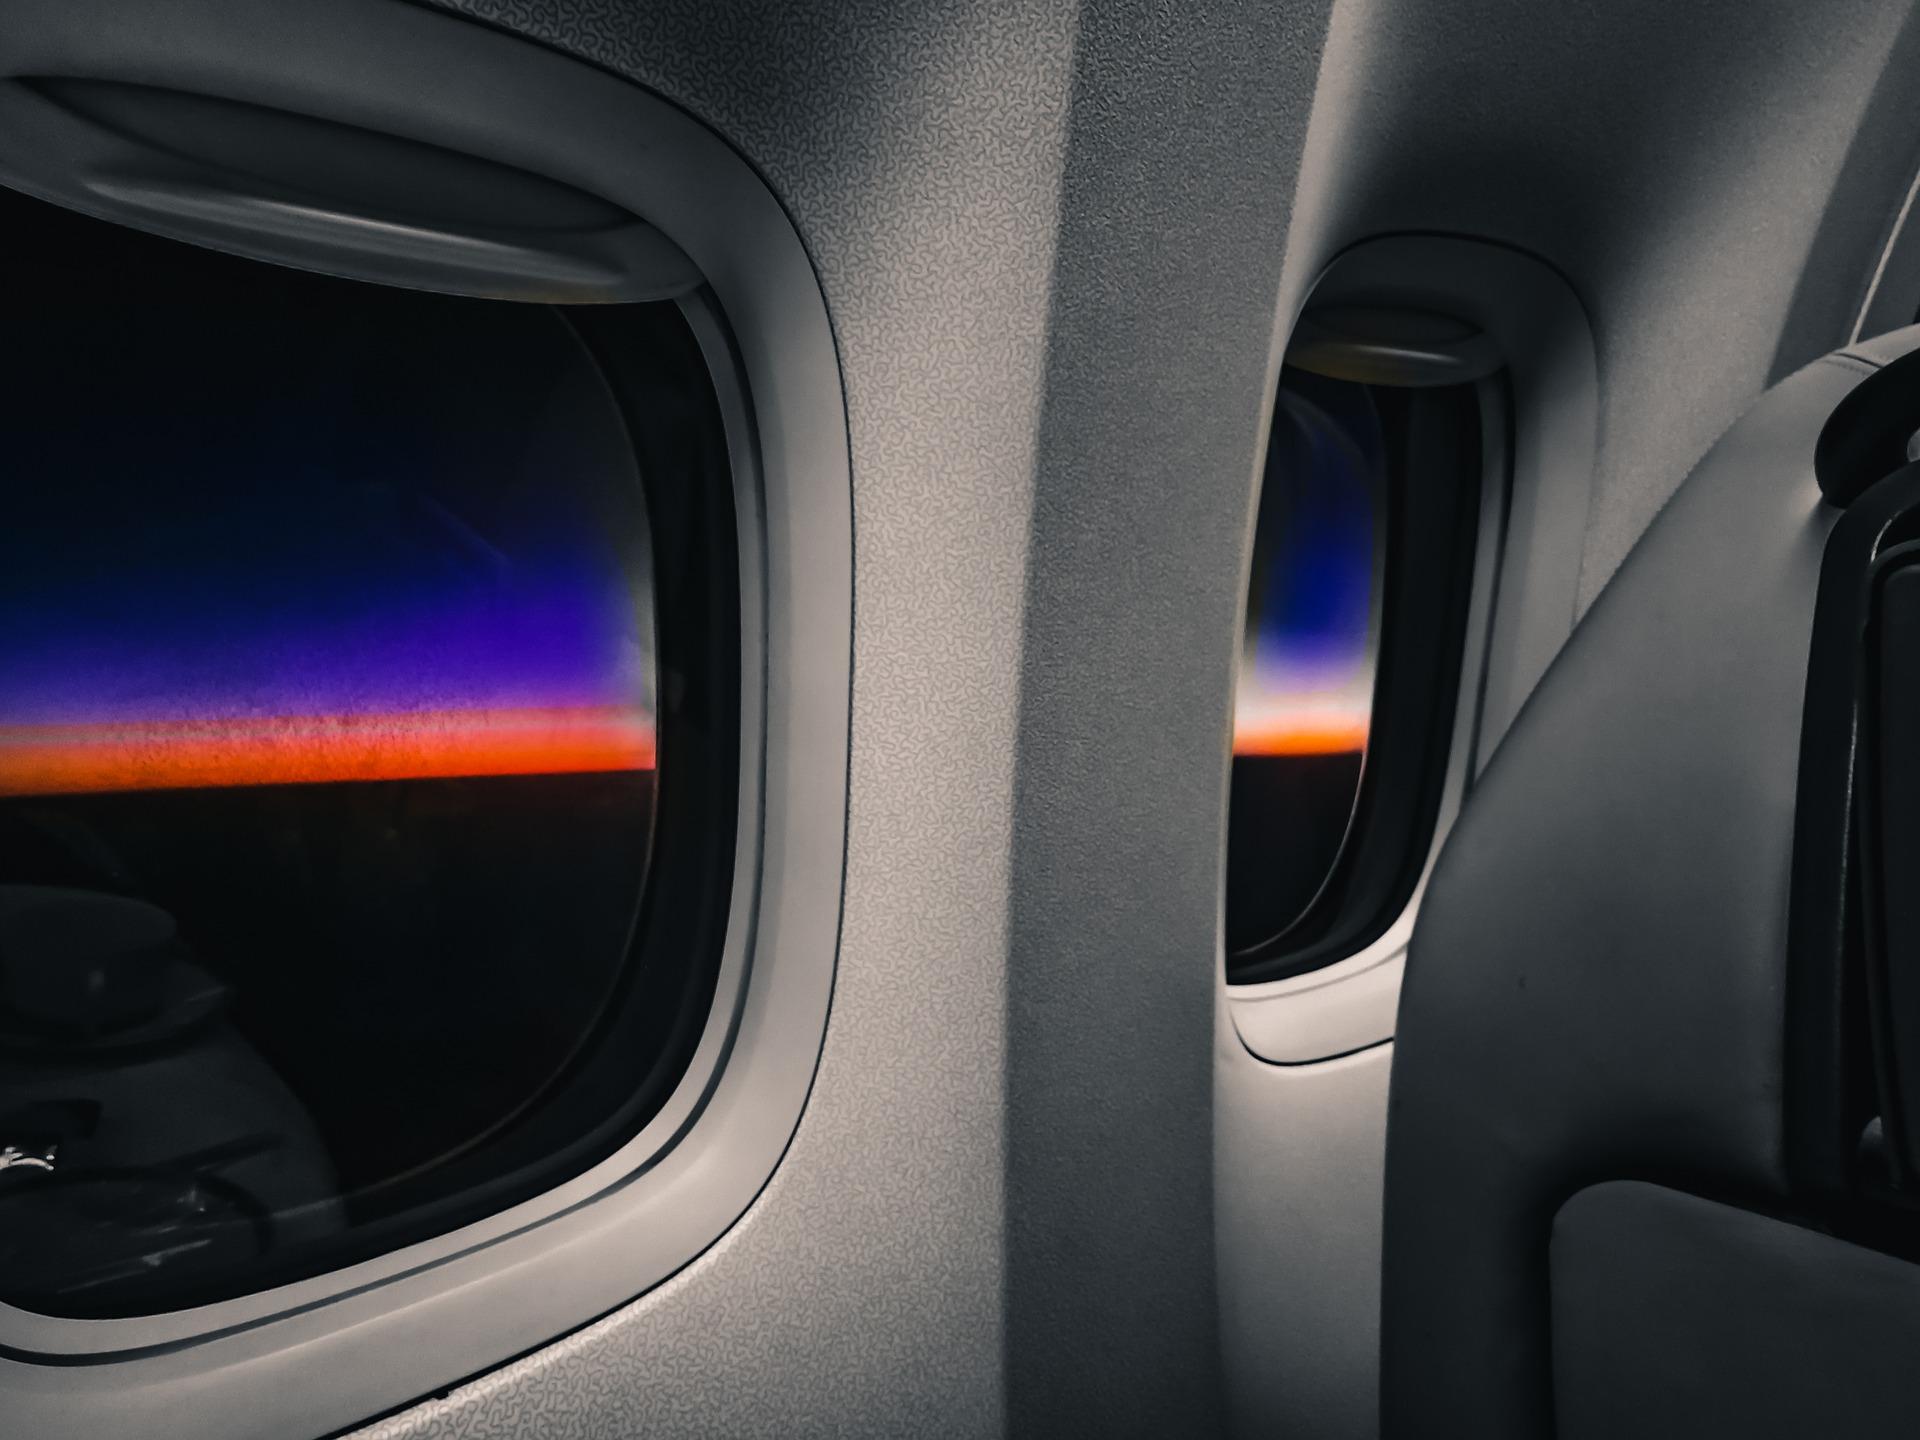 חלונות נוסעים במטוס